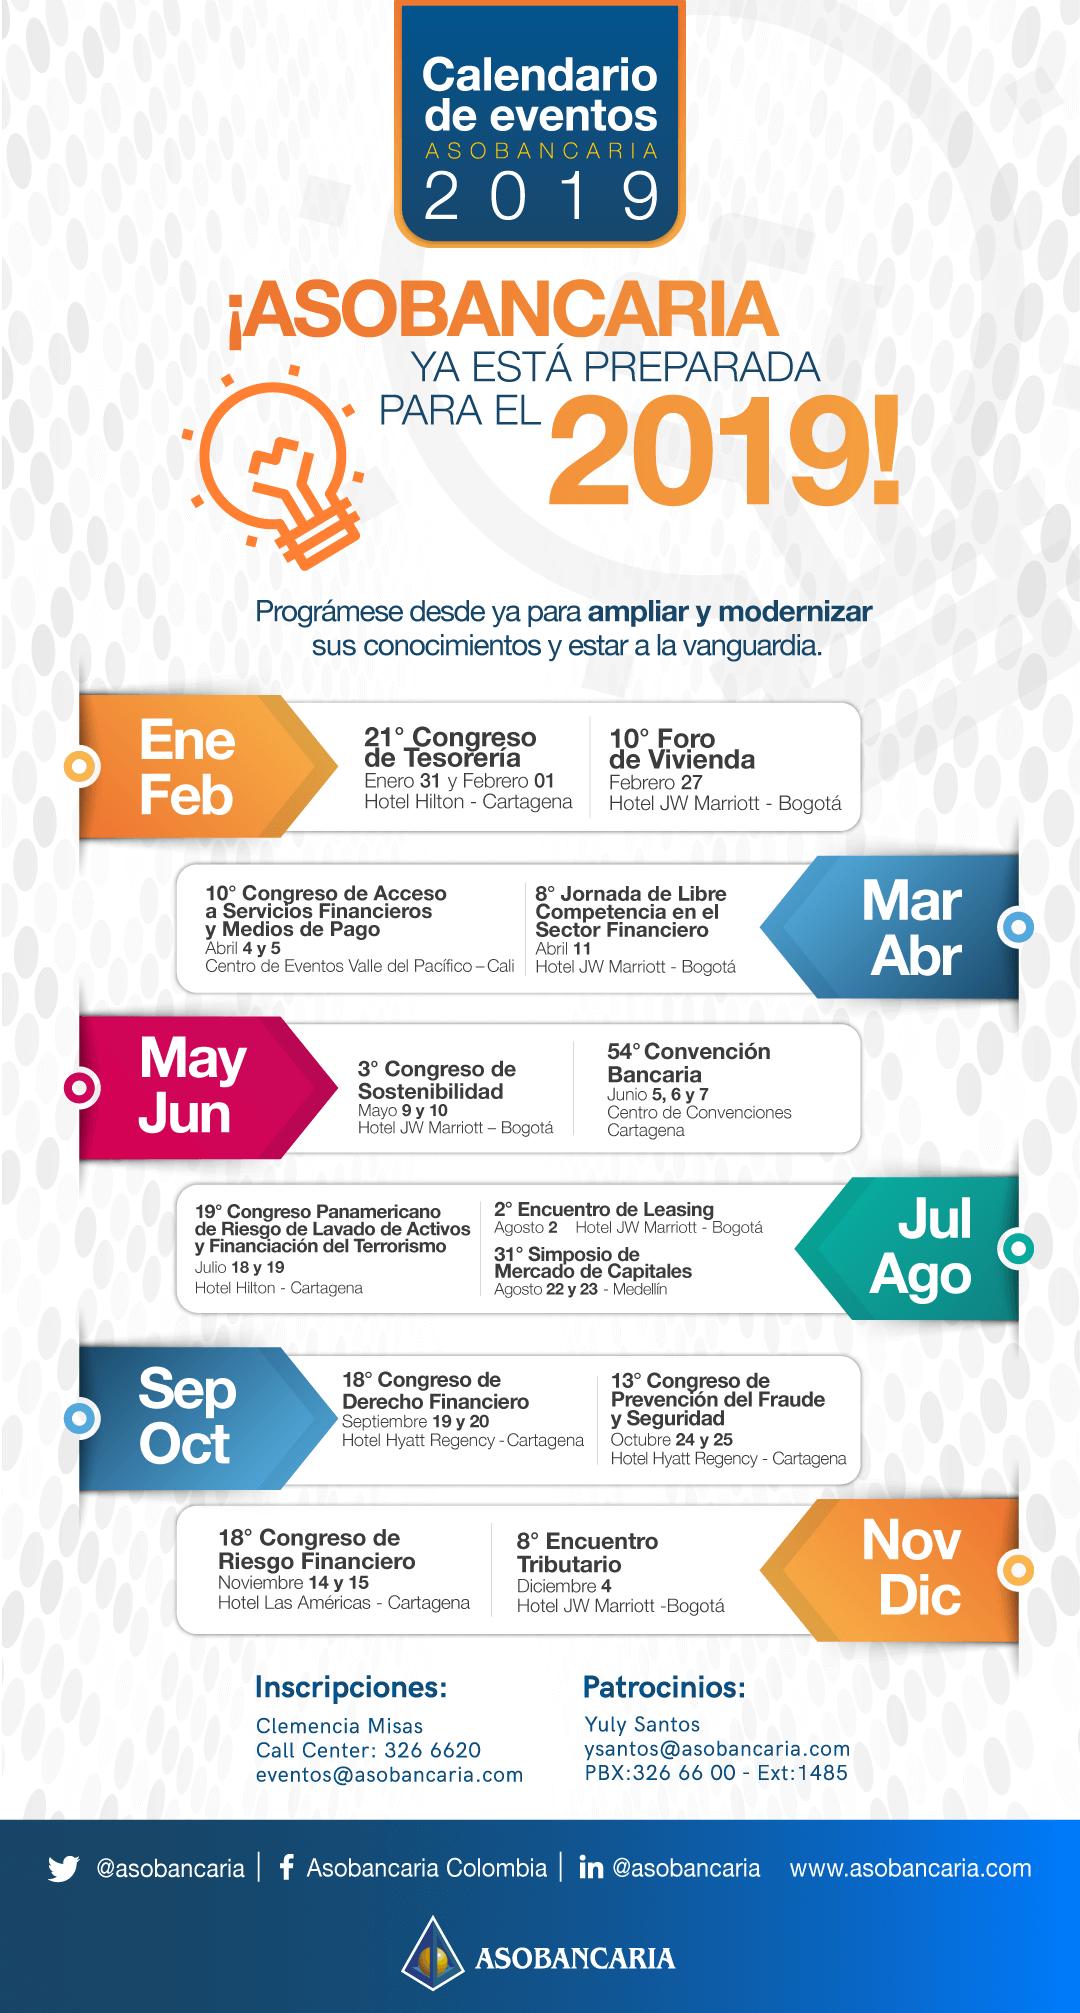 Calendario de eventos 2019